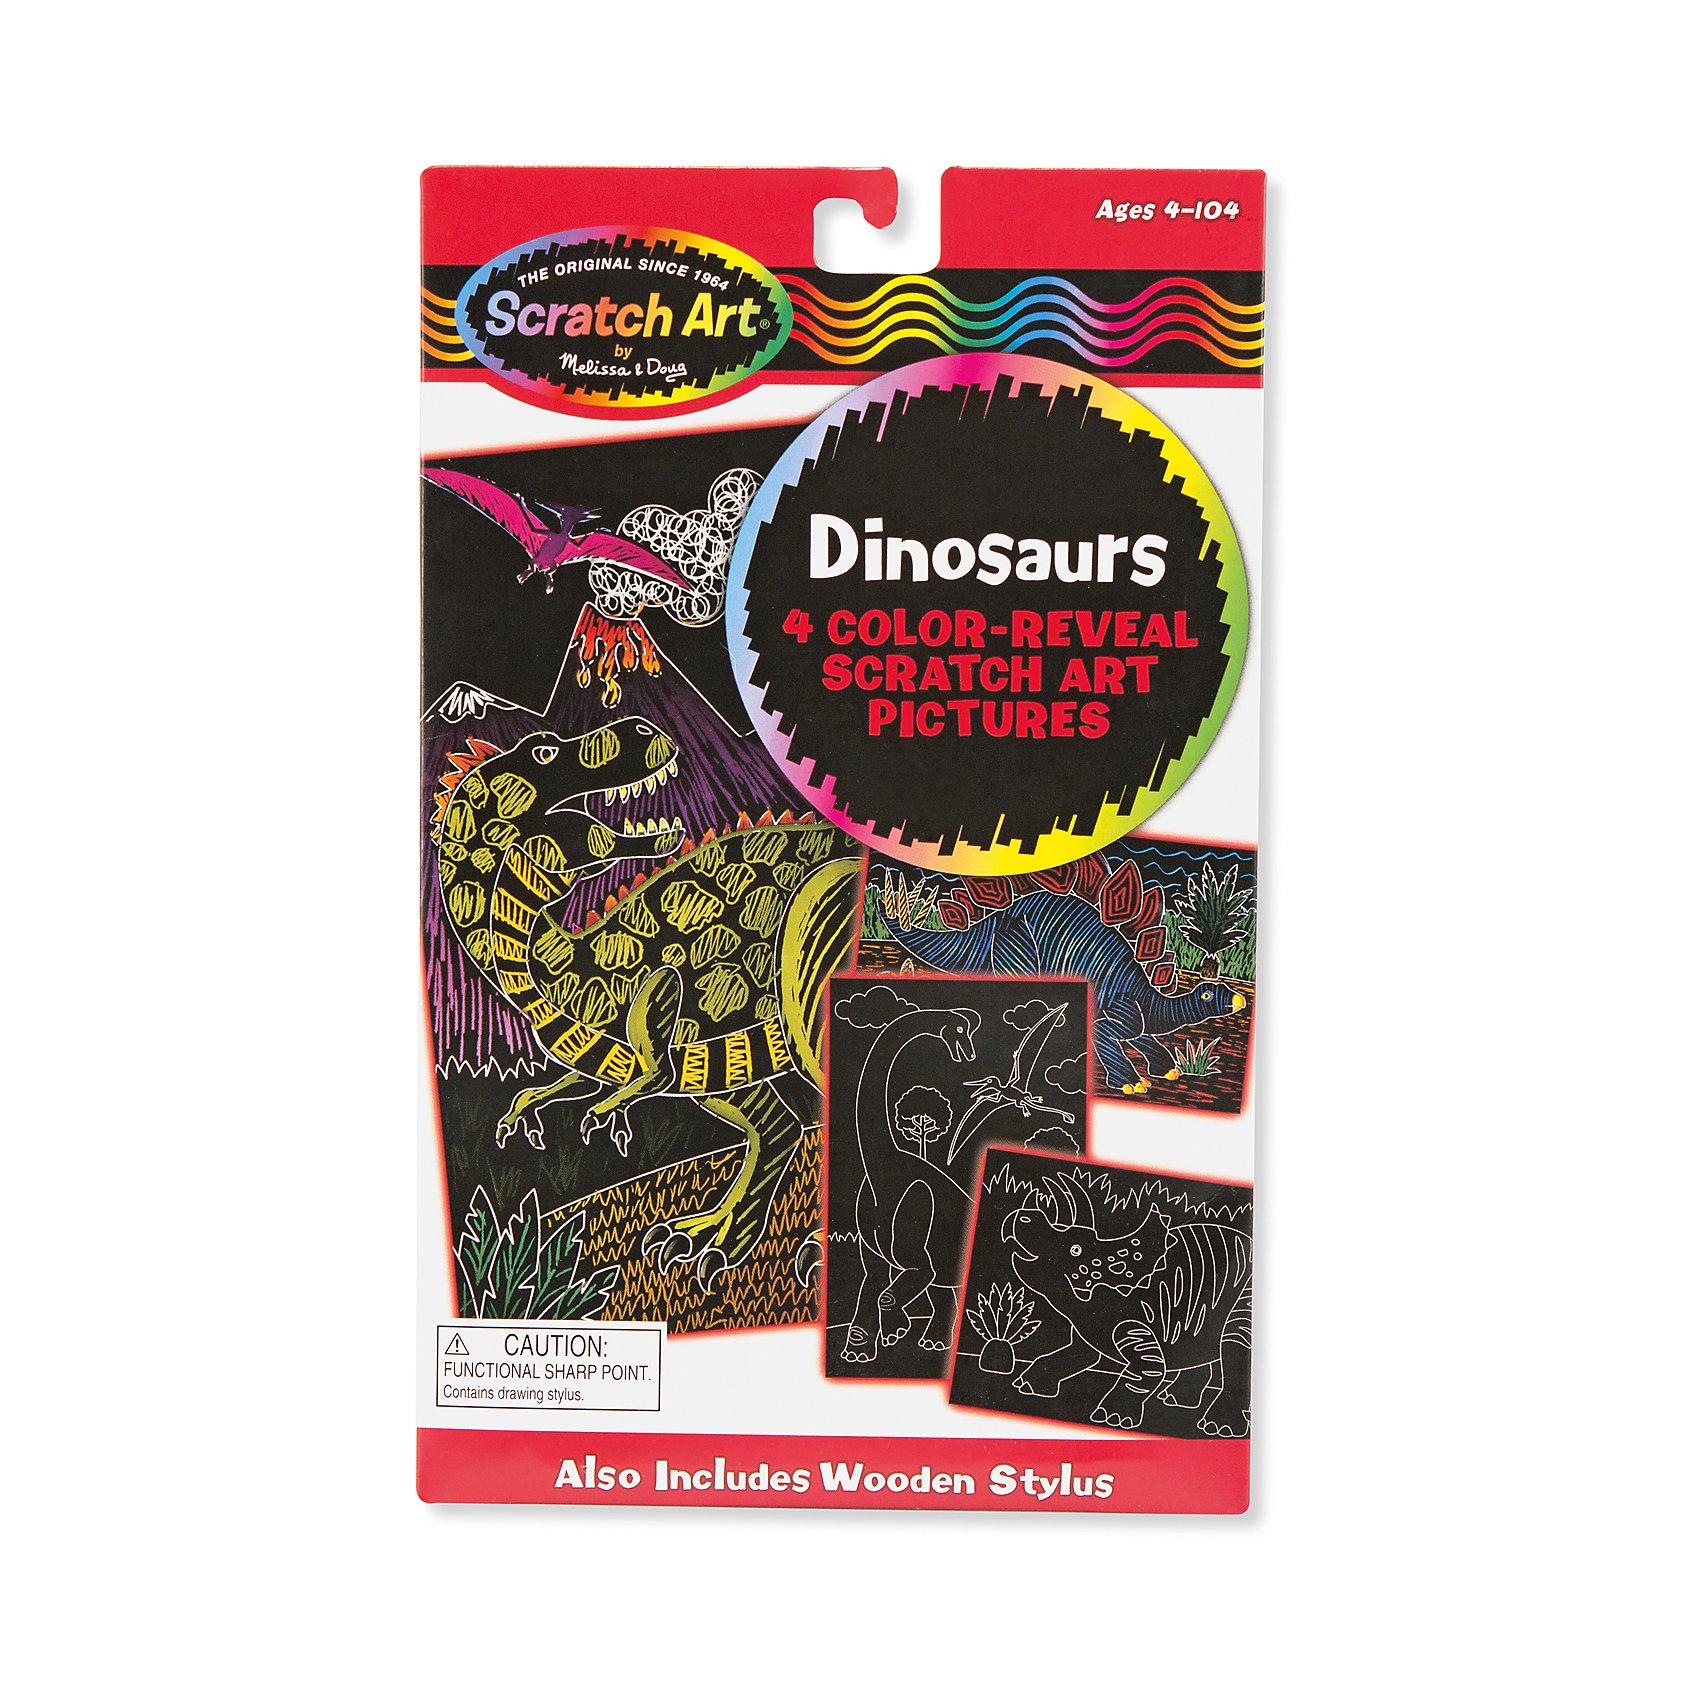 Scrach art ДинозаврыГравюры<br>Оригинальная техника создания этих работ обязательно привлечет внимание детей и поможет развить мелкую моторику, внимание и творческие способности. Набор включает в себя четыре картинки, изображающие динозавров, для того, чтобы рисунки проявились, нужно потереть по поверхности листа деревянным стилусом. Яркая, оригинальная гравюра сможет украсить стену детской комнаты или же станет прекрасным подарком, сделанным своими руками! Компания Melissa&amp;Doug придерживается самых высоких стандартов качества и безопасности, используя в производстве своей продукции только экологичные материалы и гипоаллергенные красители.<br><br>Дополнительная информация:<br><br>- Материал: картон, дерево.<br>- Количество картинок: 4 <br>- Размер упаковки: 27 х 20 х 1 см.<br>- Комплектация: 4 картинки, стилус.<br><br>Набор Scratch art Динозавры можно купить в нашем магазине.<br><br>Ширина мм: 250<br>Глубина мм: 160<br>Высота мм: 10<br>Вес г: 68<br>Возраст от месяцев: 60<br>Возраст до месяцев: 120<br>Пол: Унисекс<br>Возраст: Детский<br>SKU: 4407123